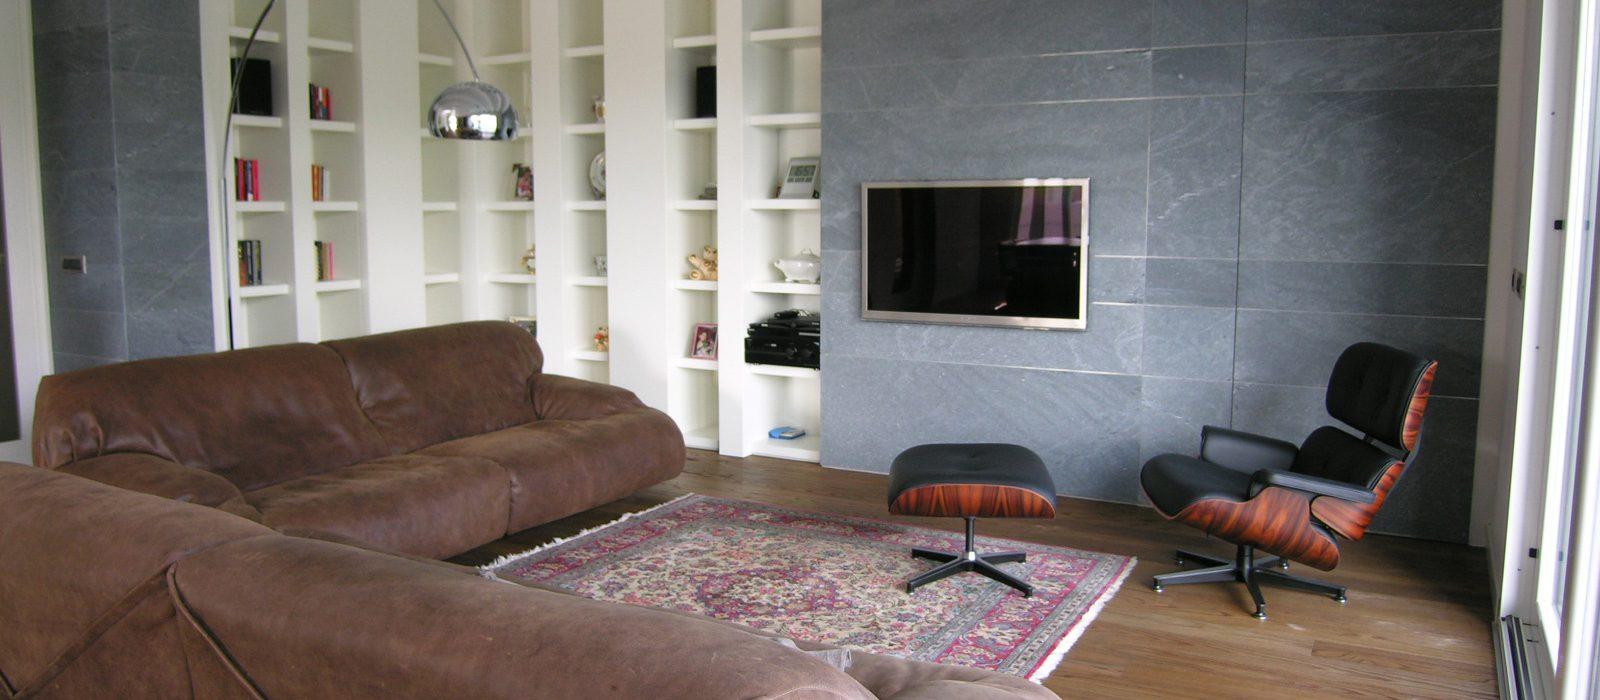 27_progetto-residenziale_reggioni_studio_architetto_giuseppe_passaro